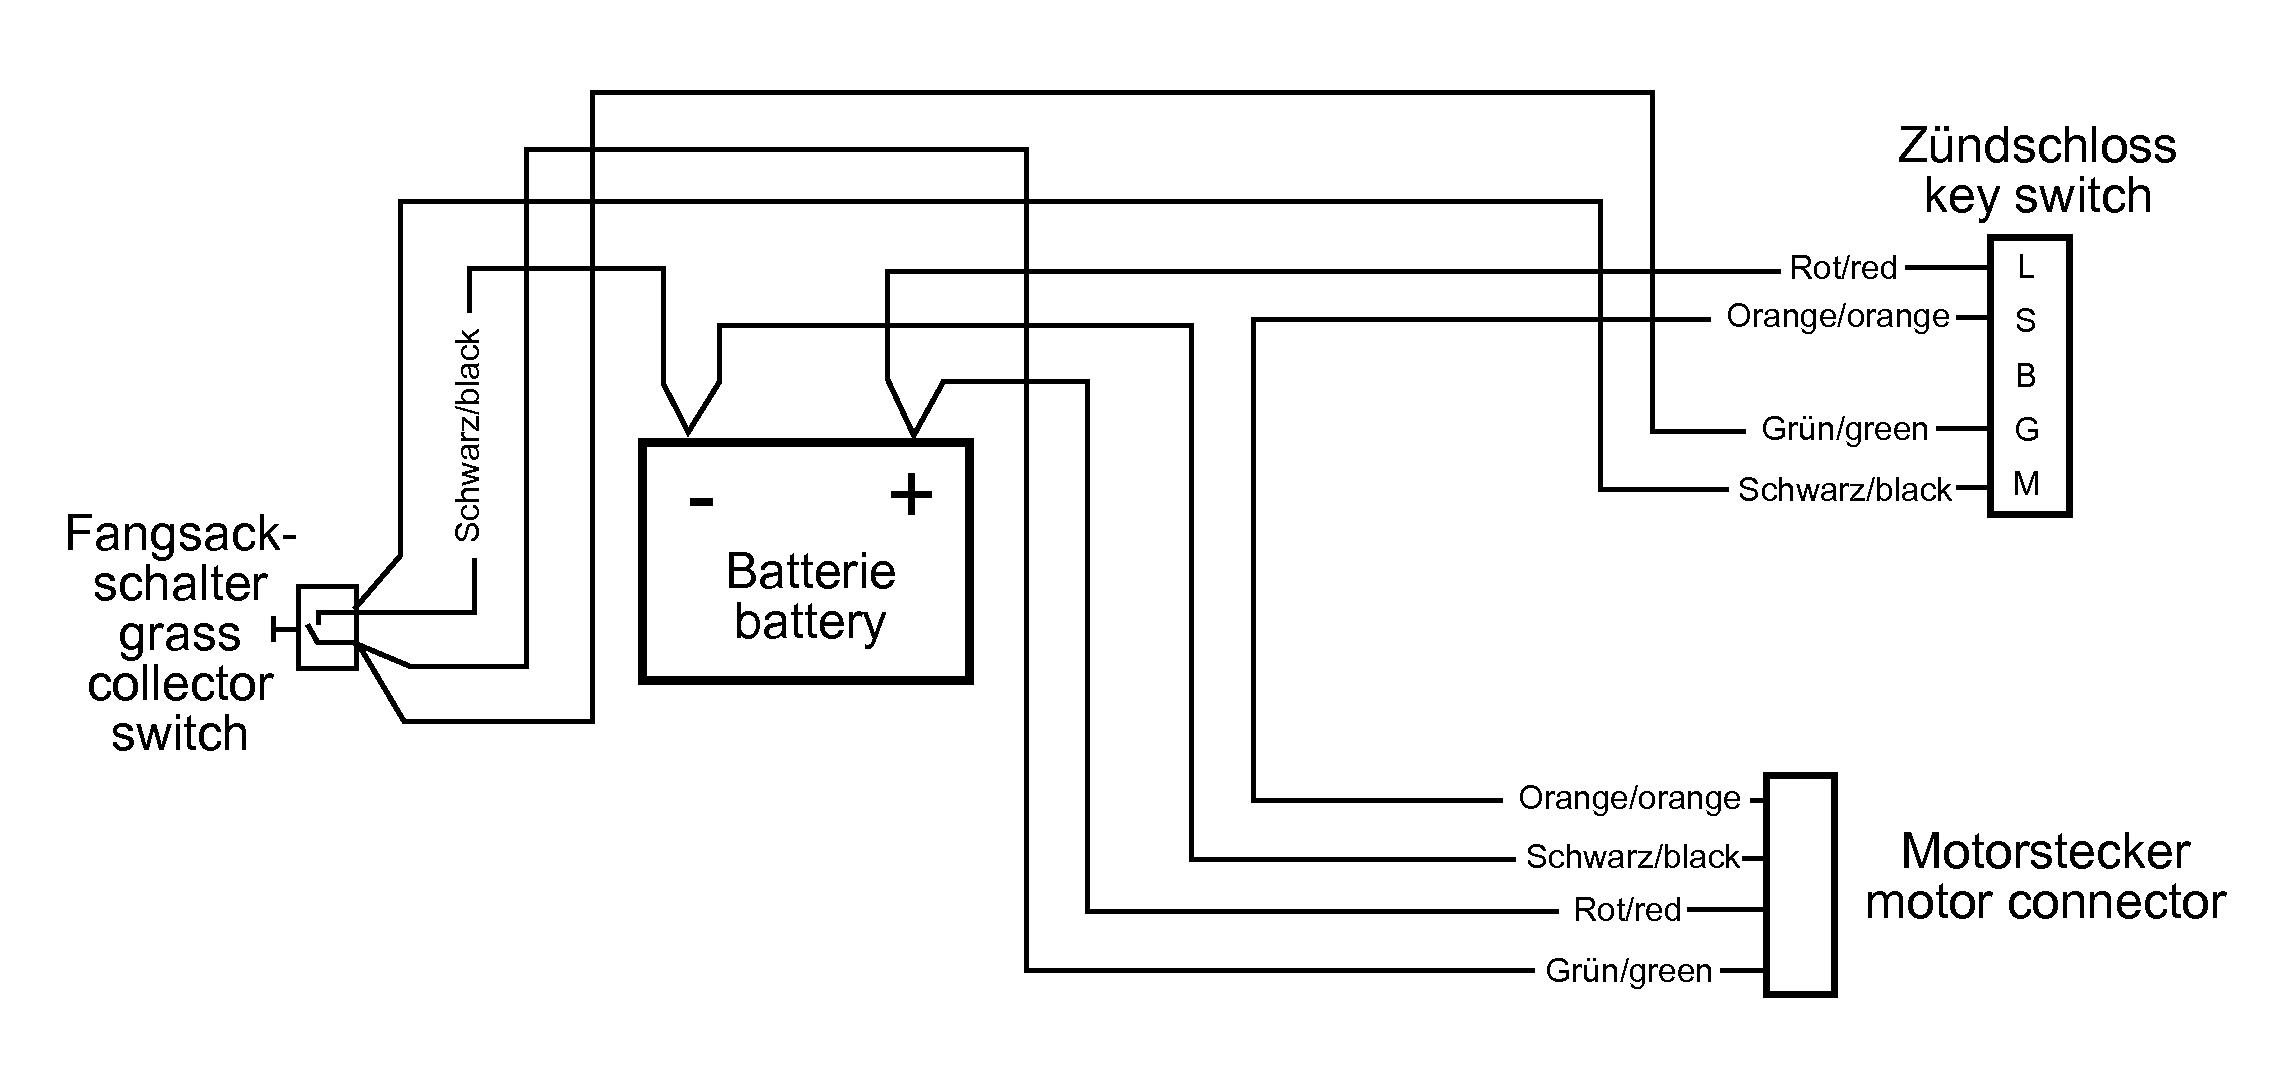 Fein 3 Poliger Zündschalter Schaltplan Galerie - Elektrische ...